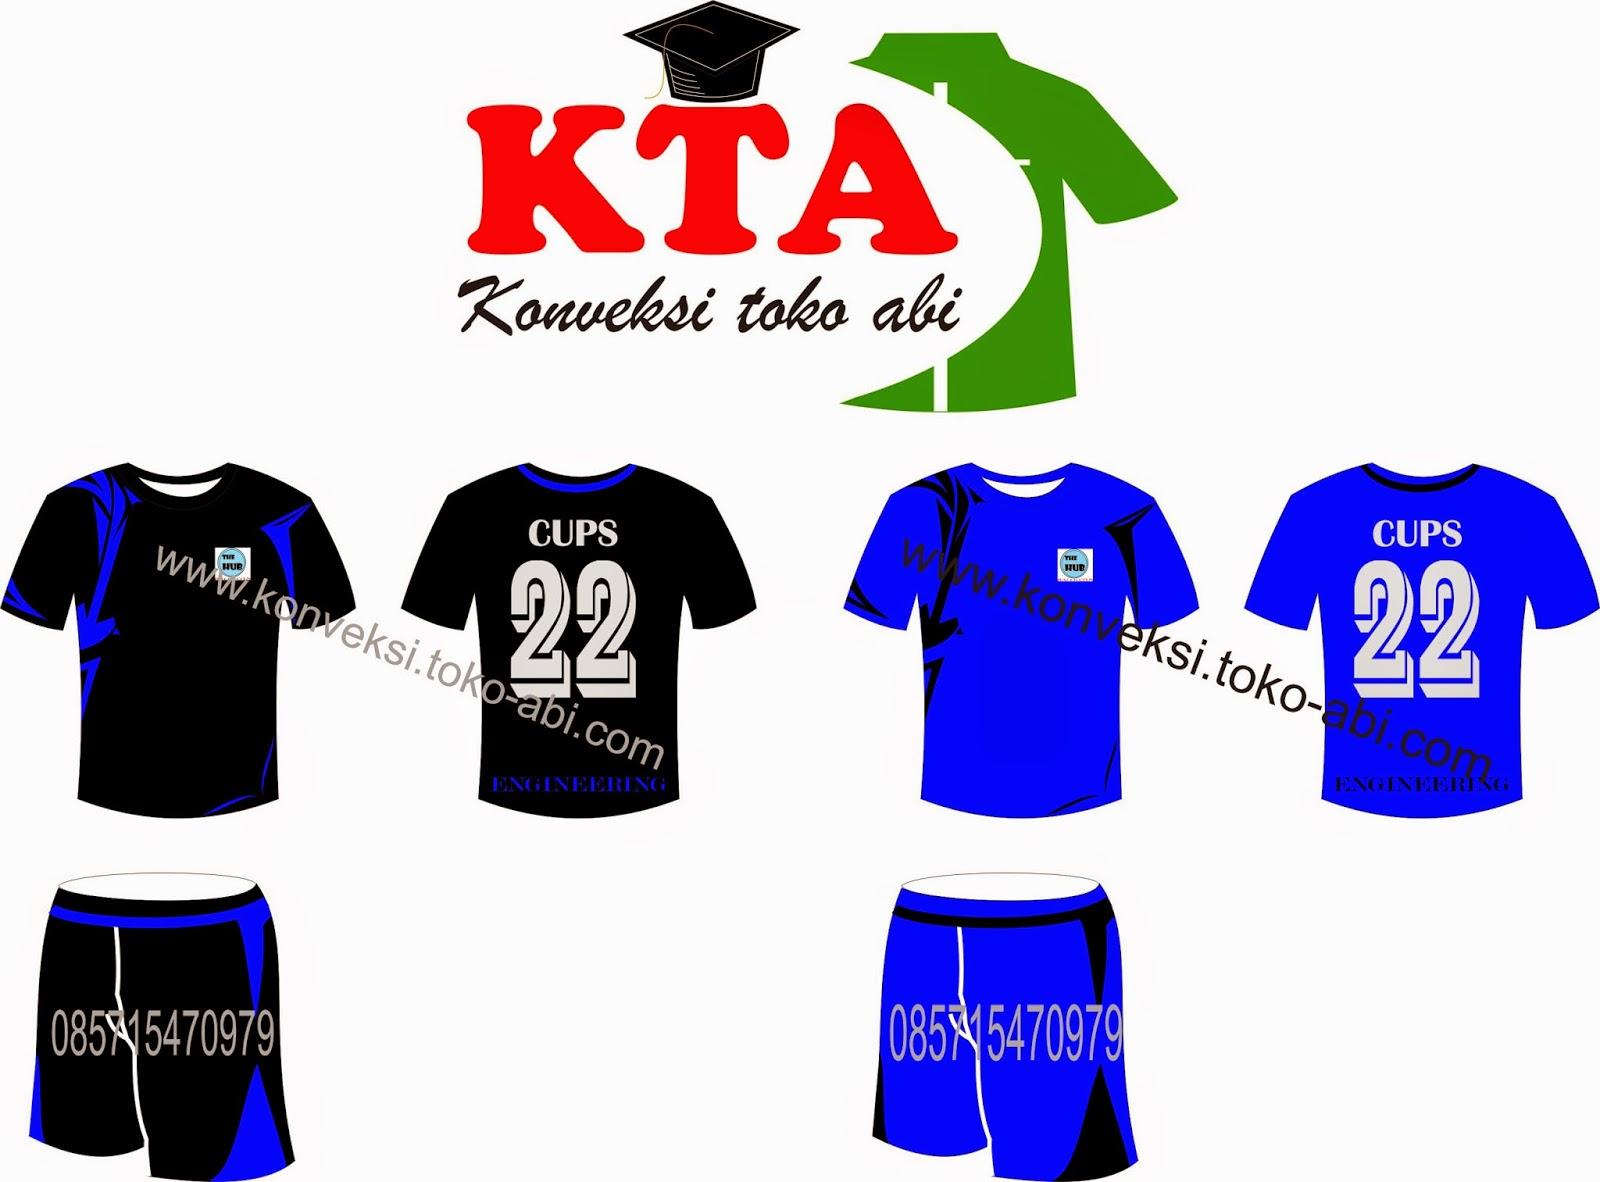 Tempat Buat Kaos Bola Dan Kaos Futsal Di Jakarta Konveksi Toko Abi